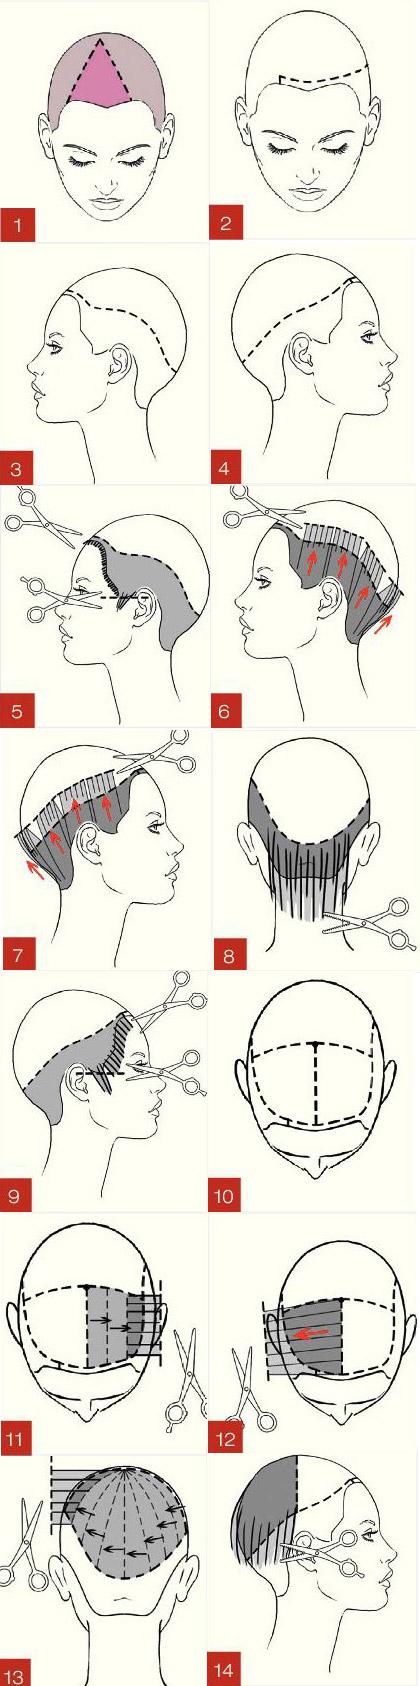 آموزش کوتاهی مو مدل اسپایکی